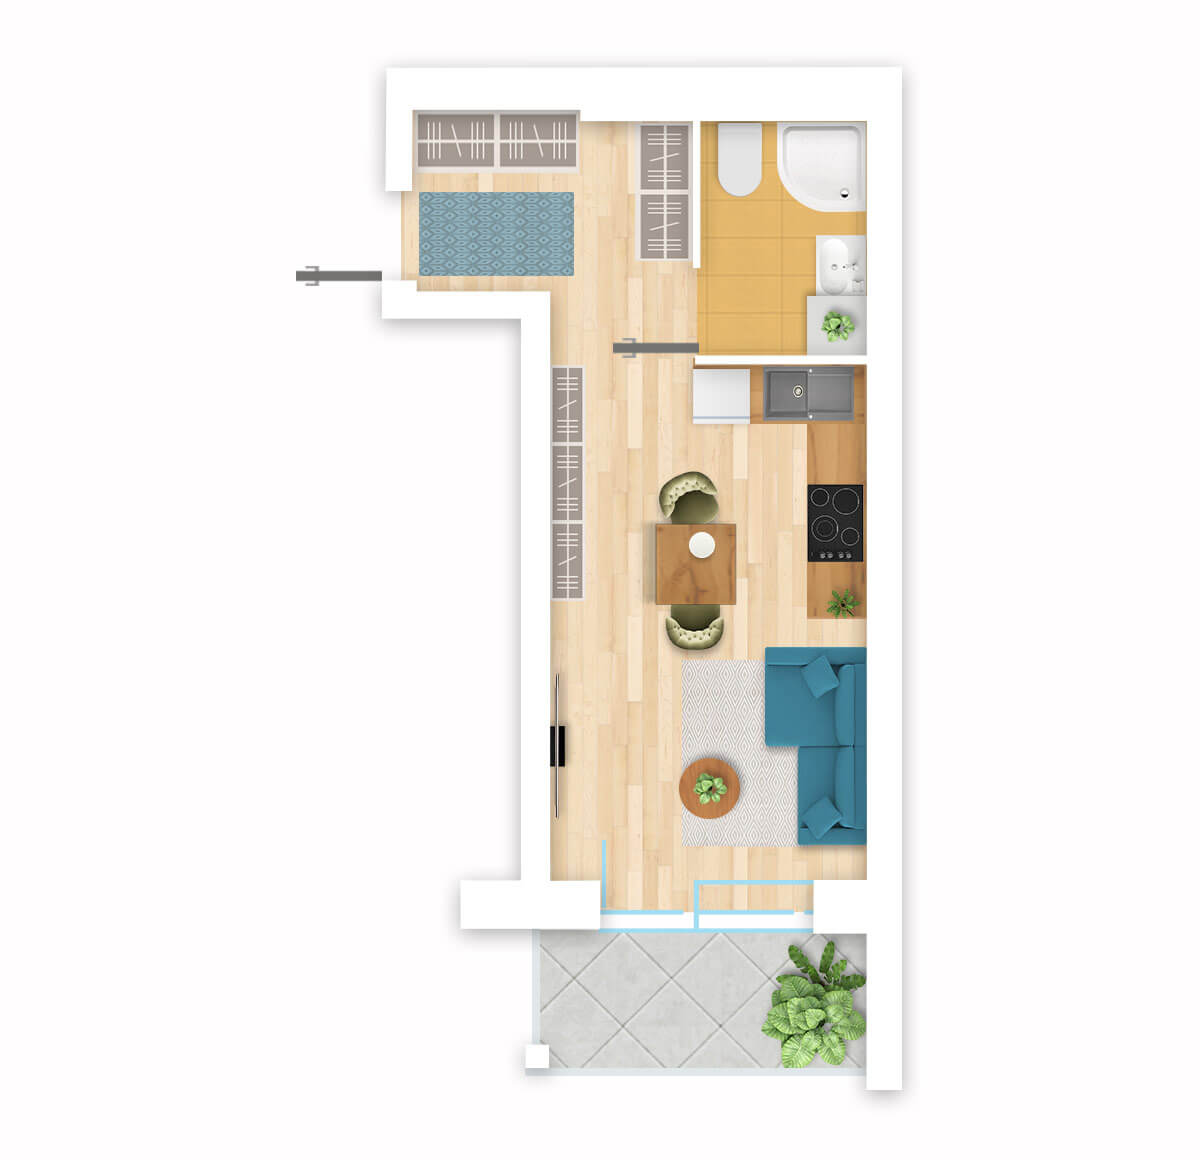 parduodamas butas Lazdynėlių g. 16C - 23 Vilniuje, buto 3D vaizdas